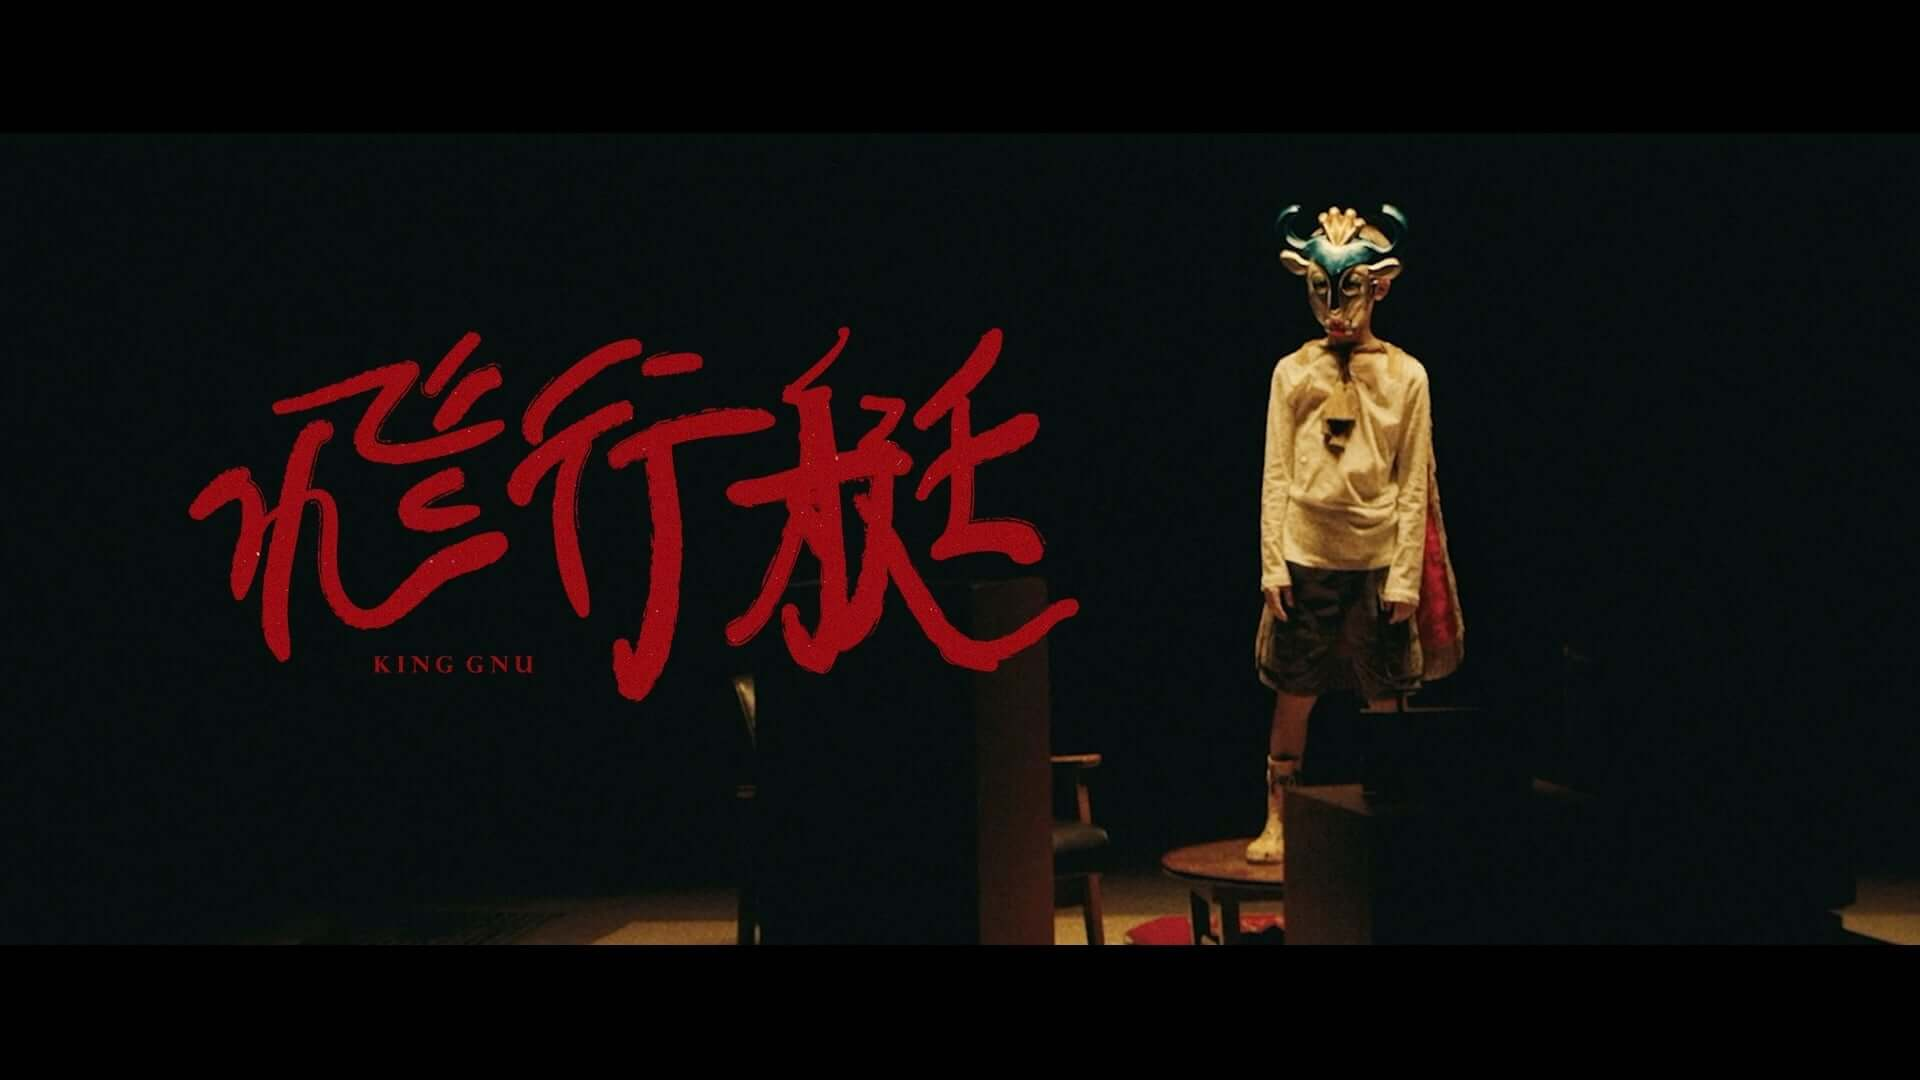 King Gnuの最新デジタル・シングル「飛行艇」のMVが公開|映像はPERIMETRONが制作 music190822_kinggnu_hikoutei_2-1920x1080